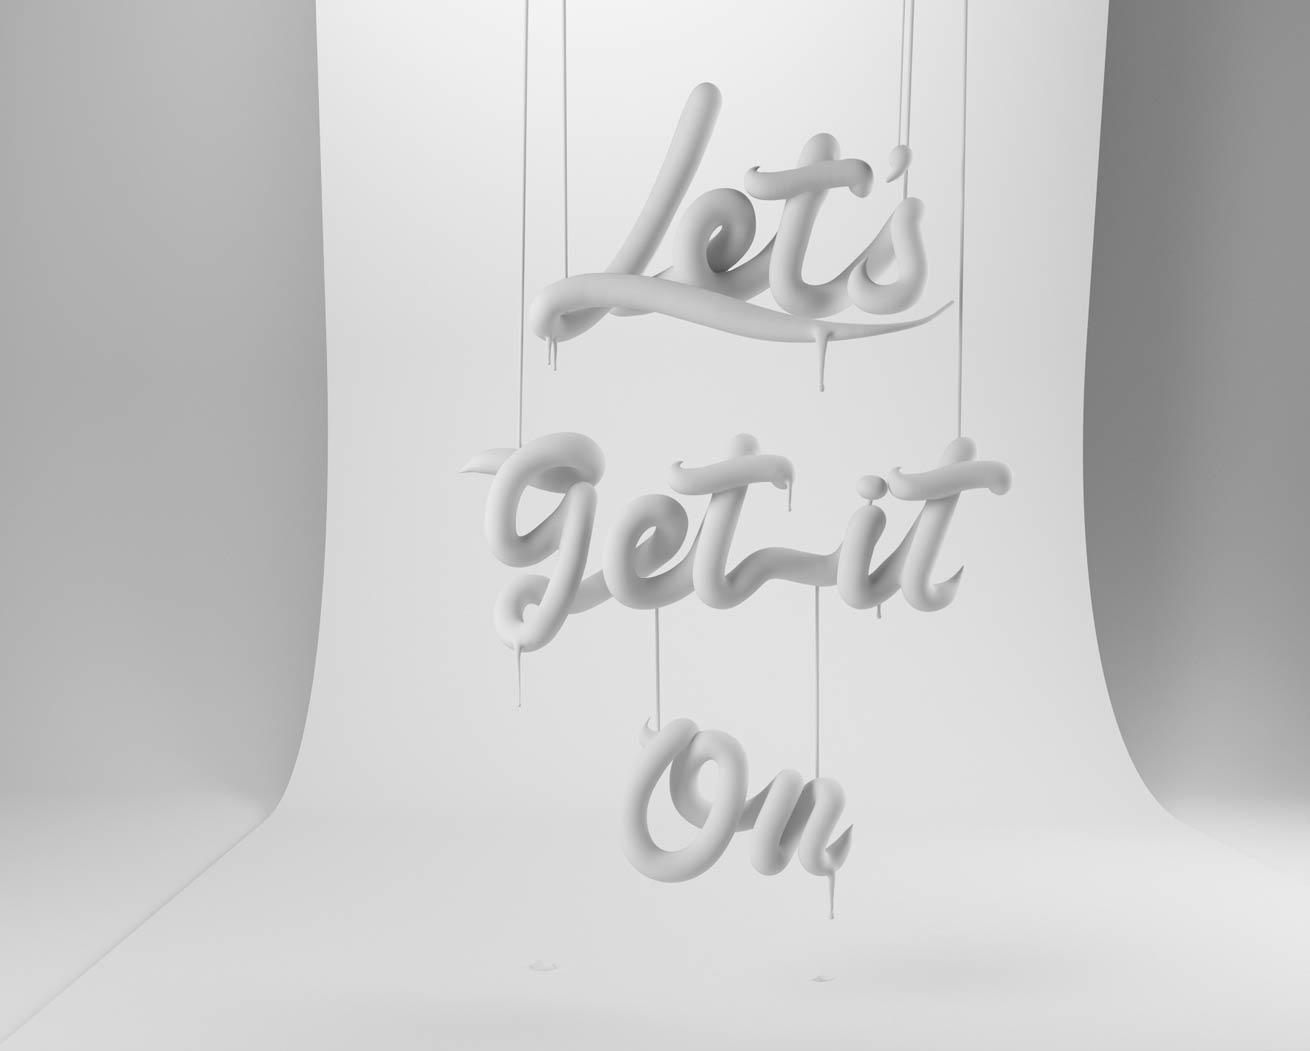 HOTPLASTIK CESS 3D 3DTYPE LETTERING CGI 3DARTIST